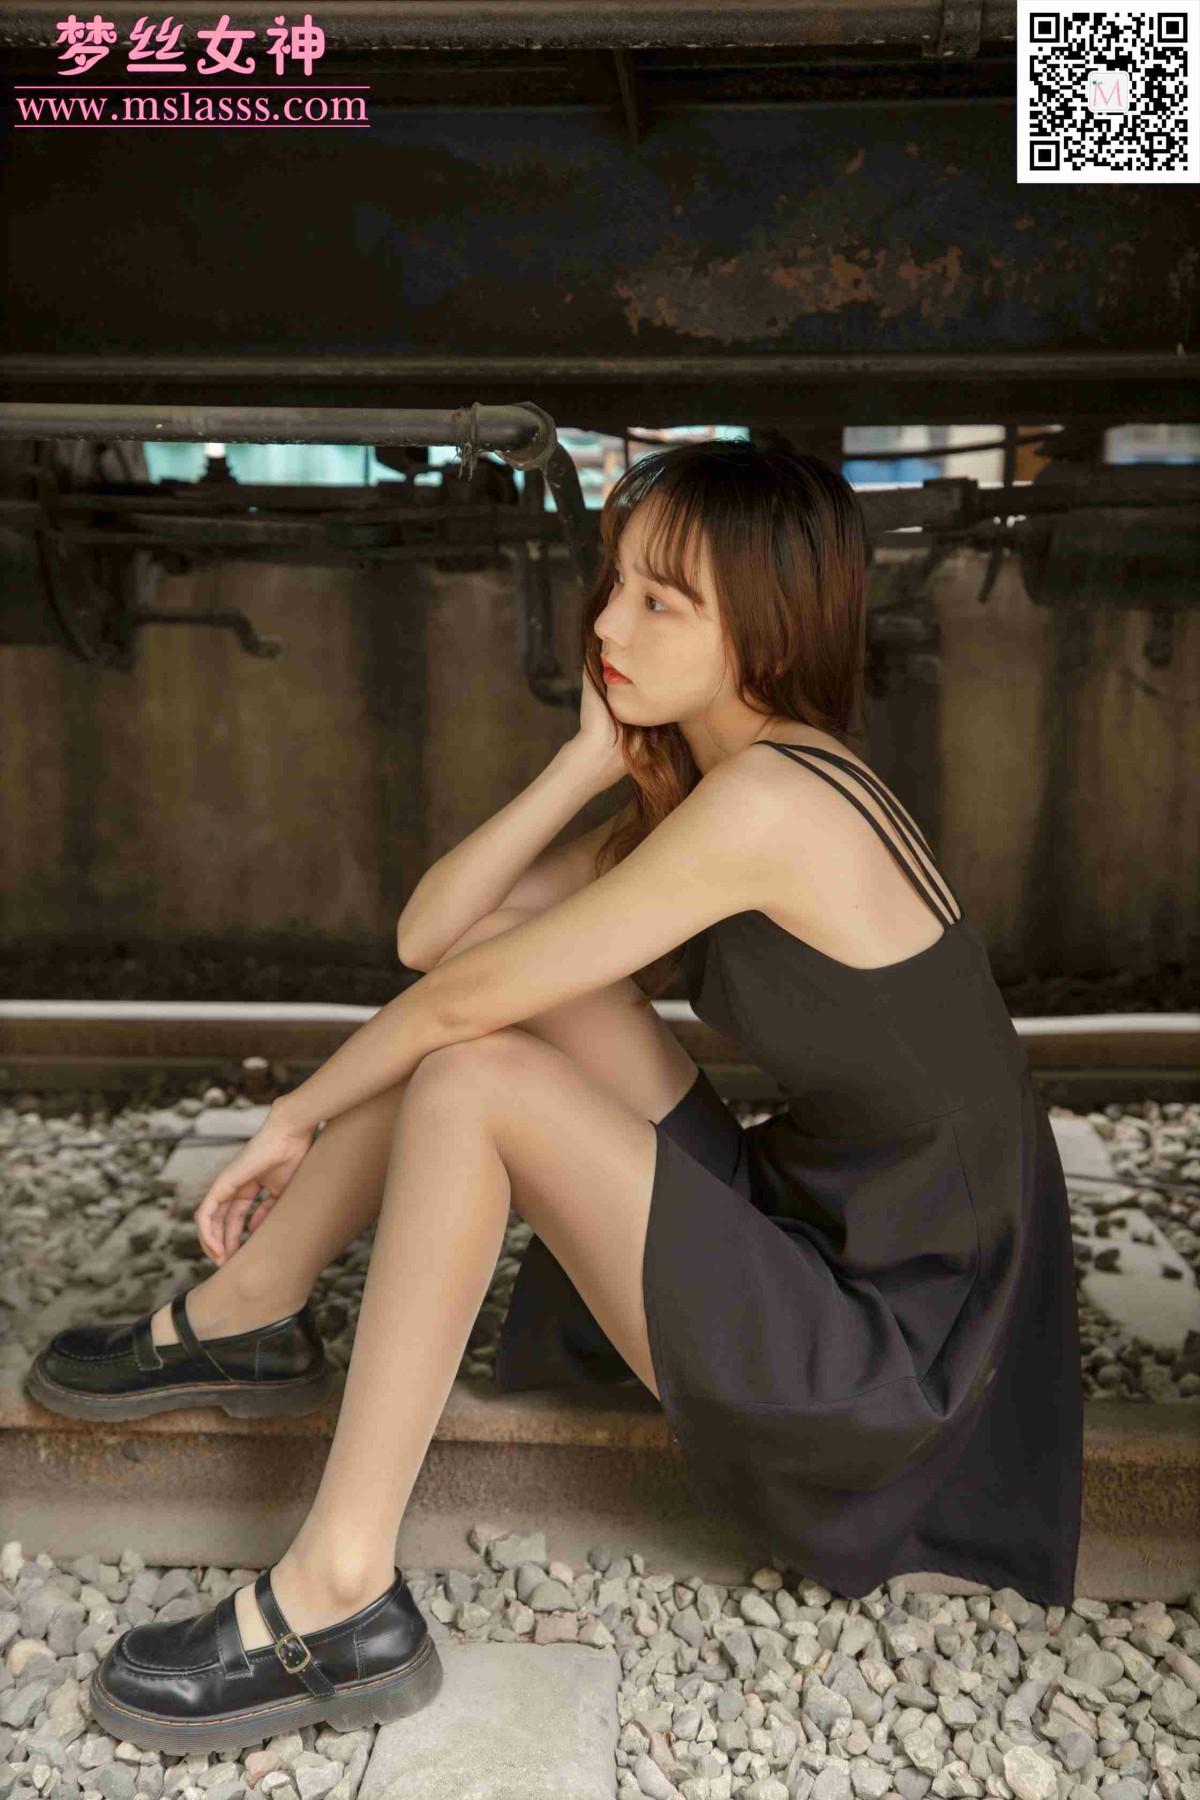 [MSLASS梦丝女神] 2020.04.25 玥玥 火车超自然系 第2张